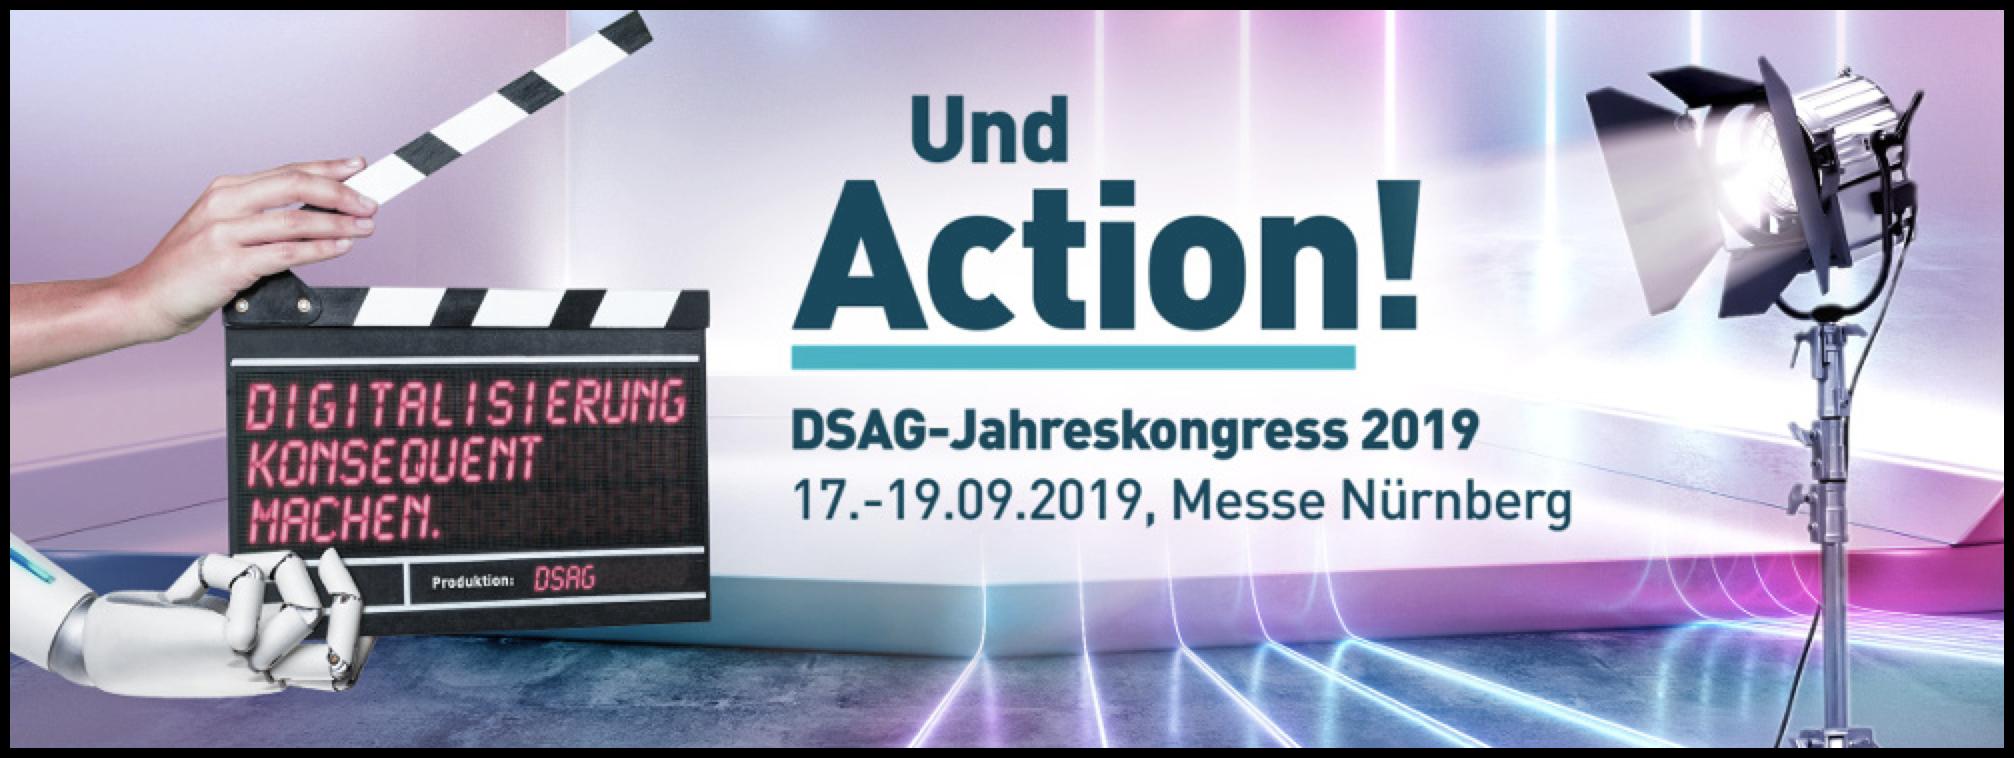 DSAG 2019